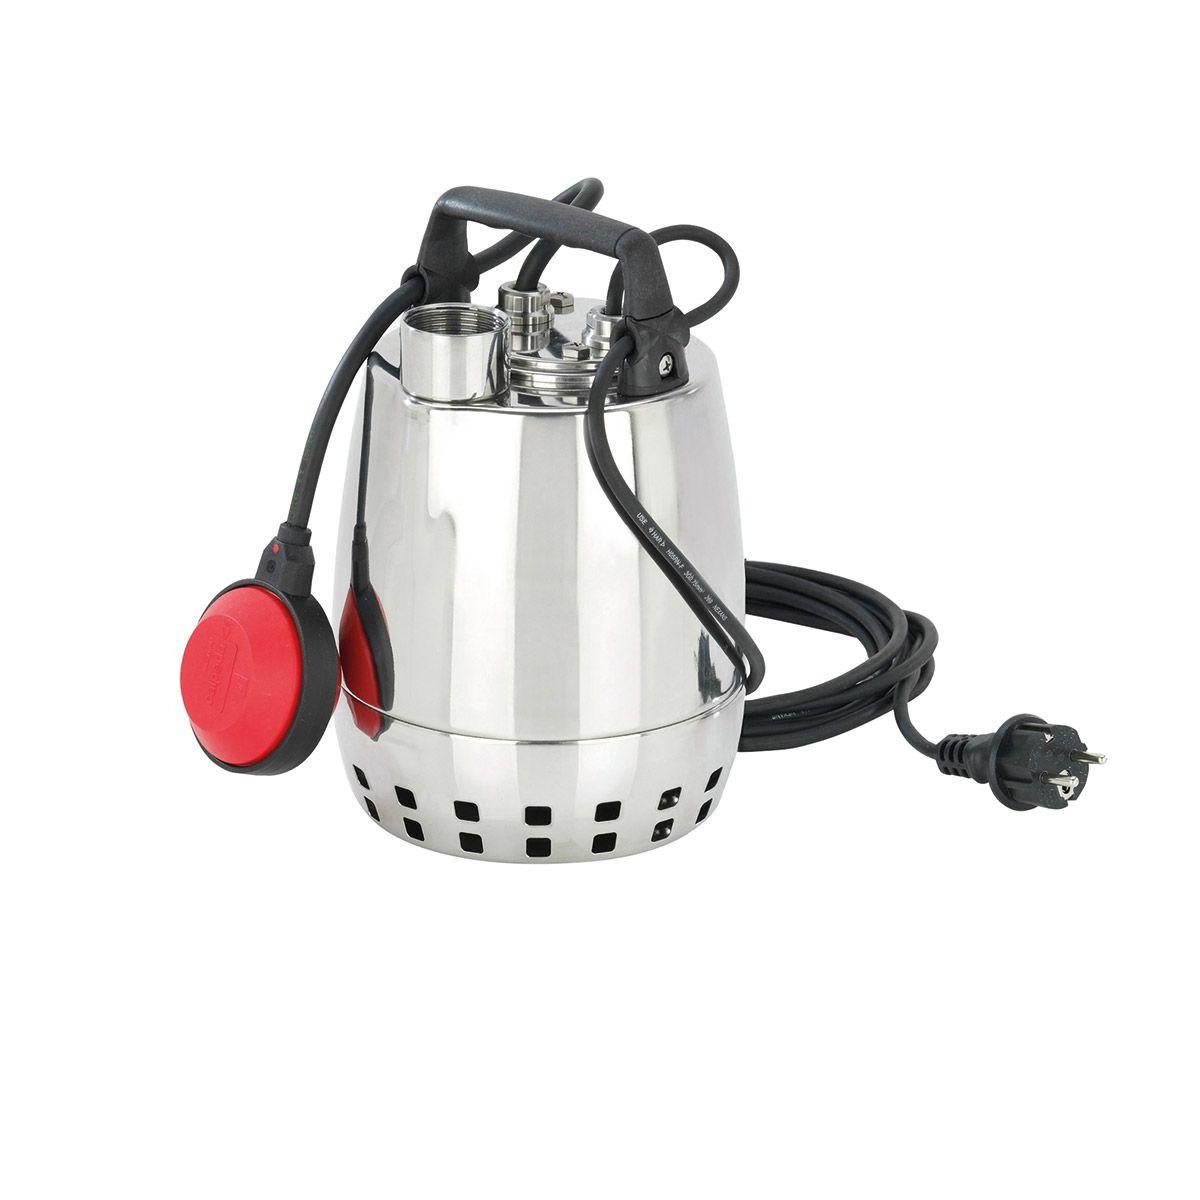 Schmutzwasserpumpe GXRM 9